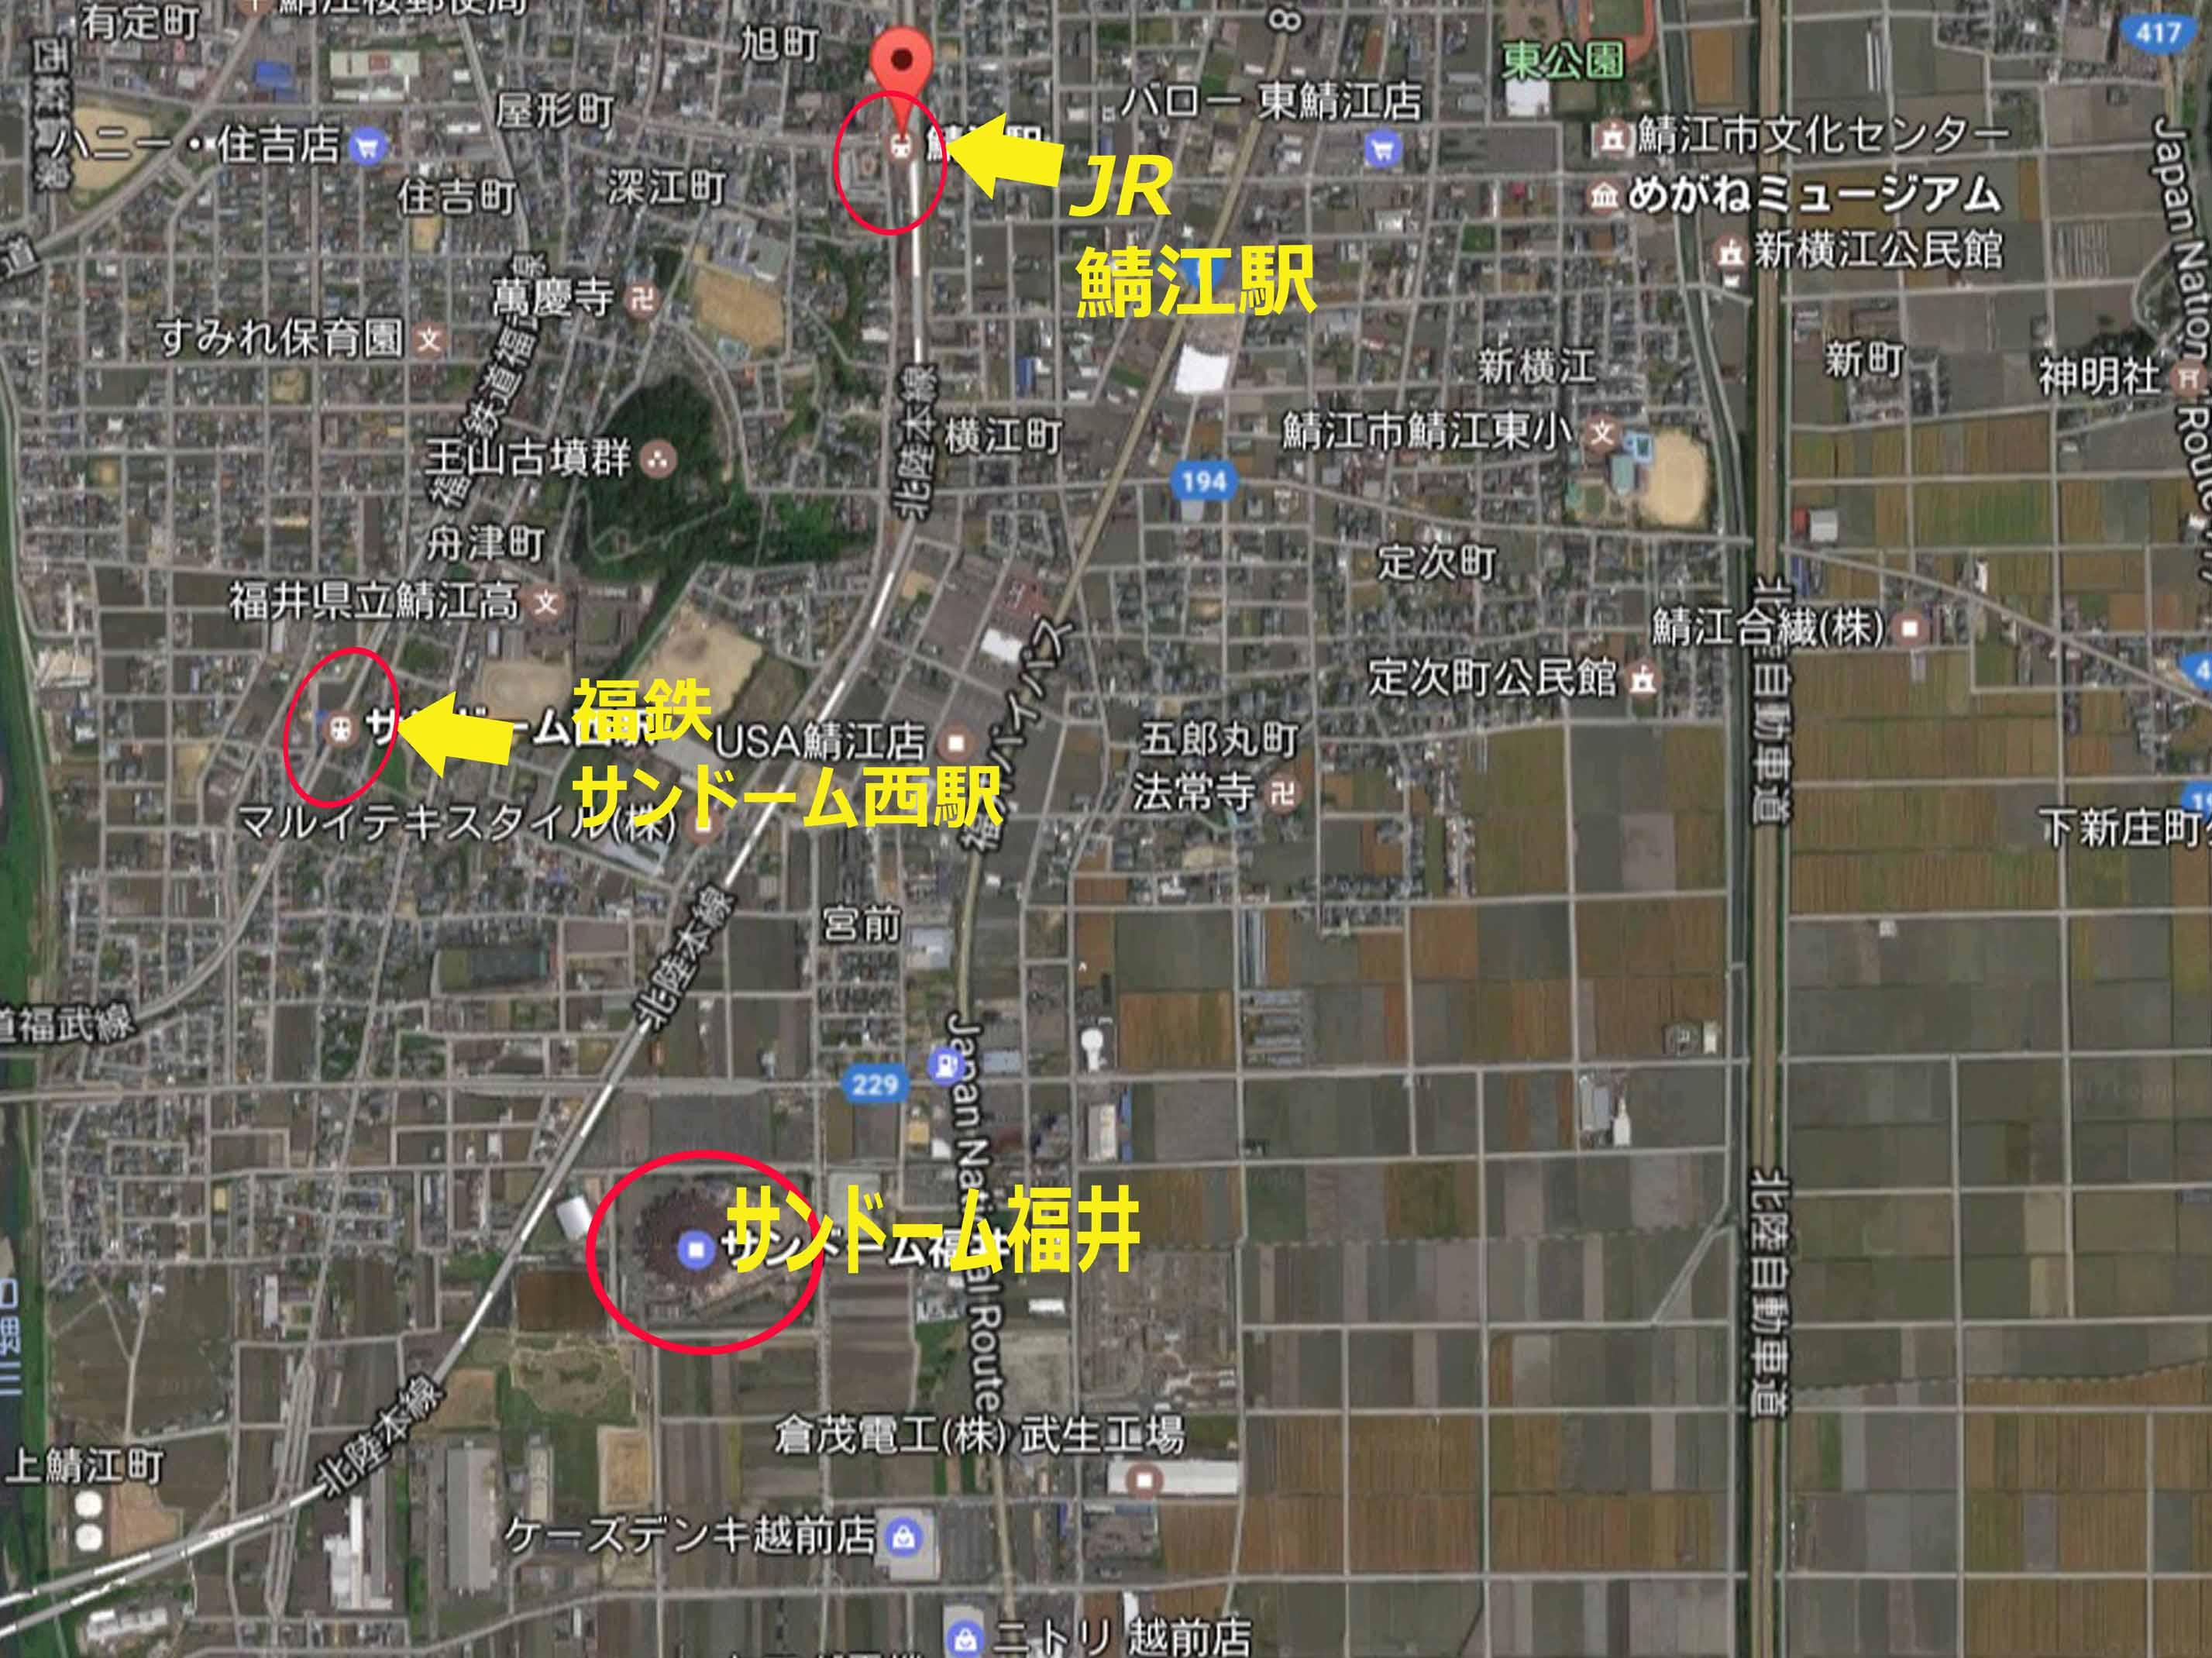 福井 サン ドーム